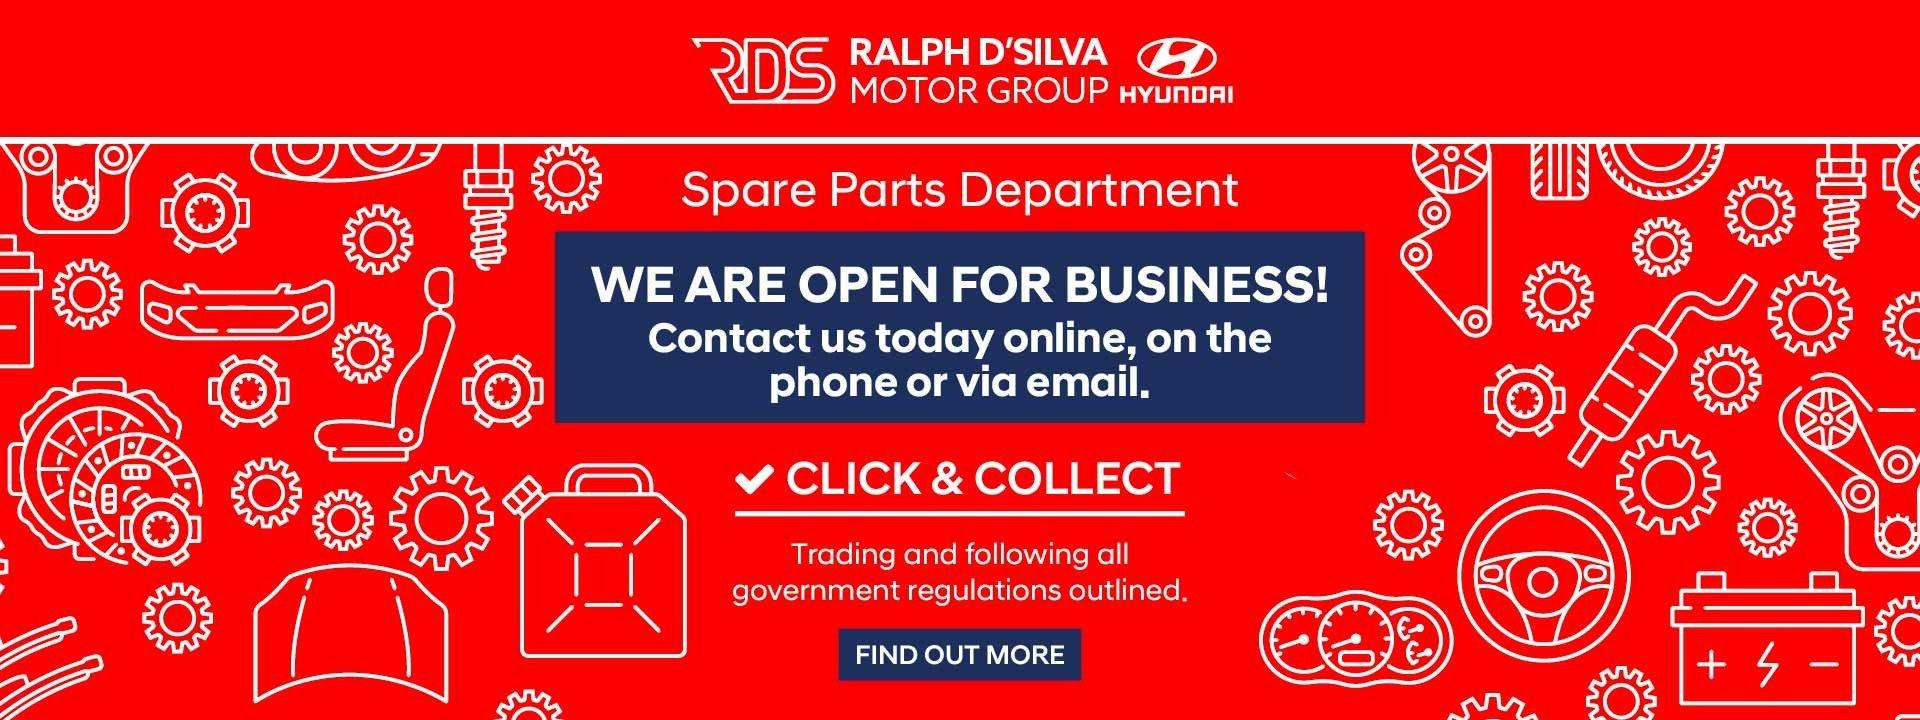 RDS Hyundai Parts